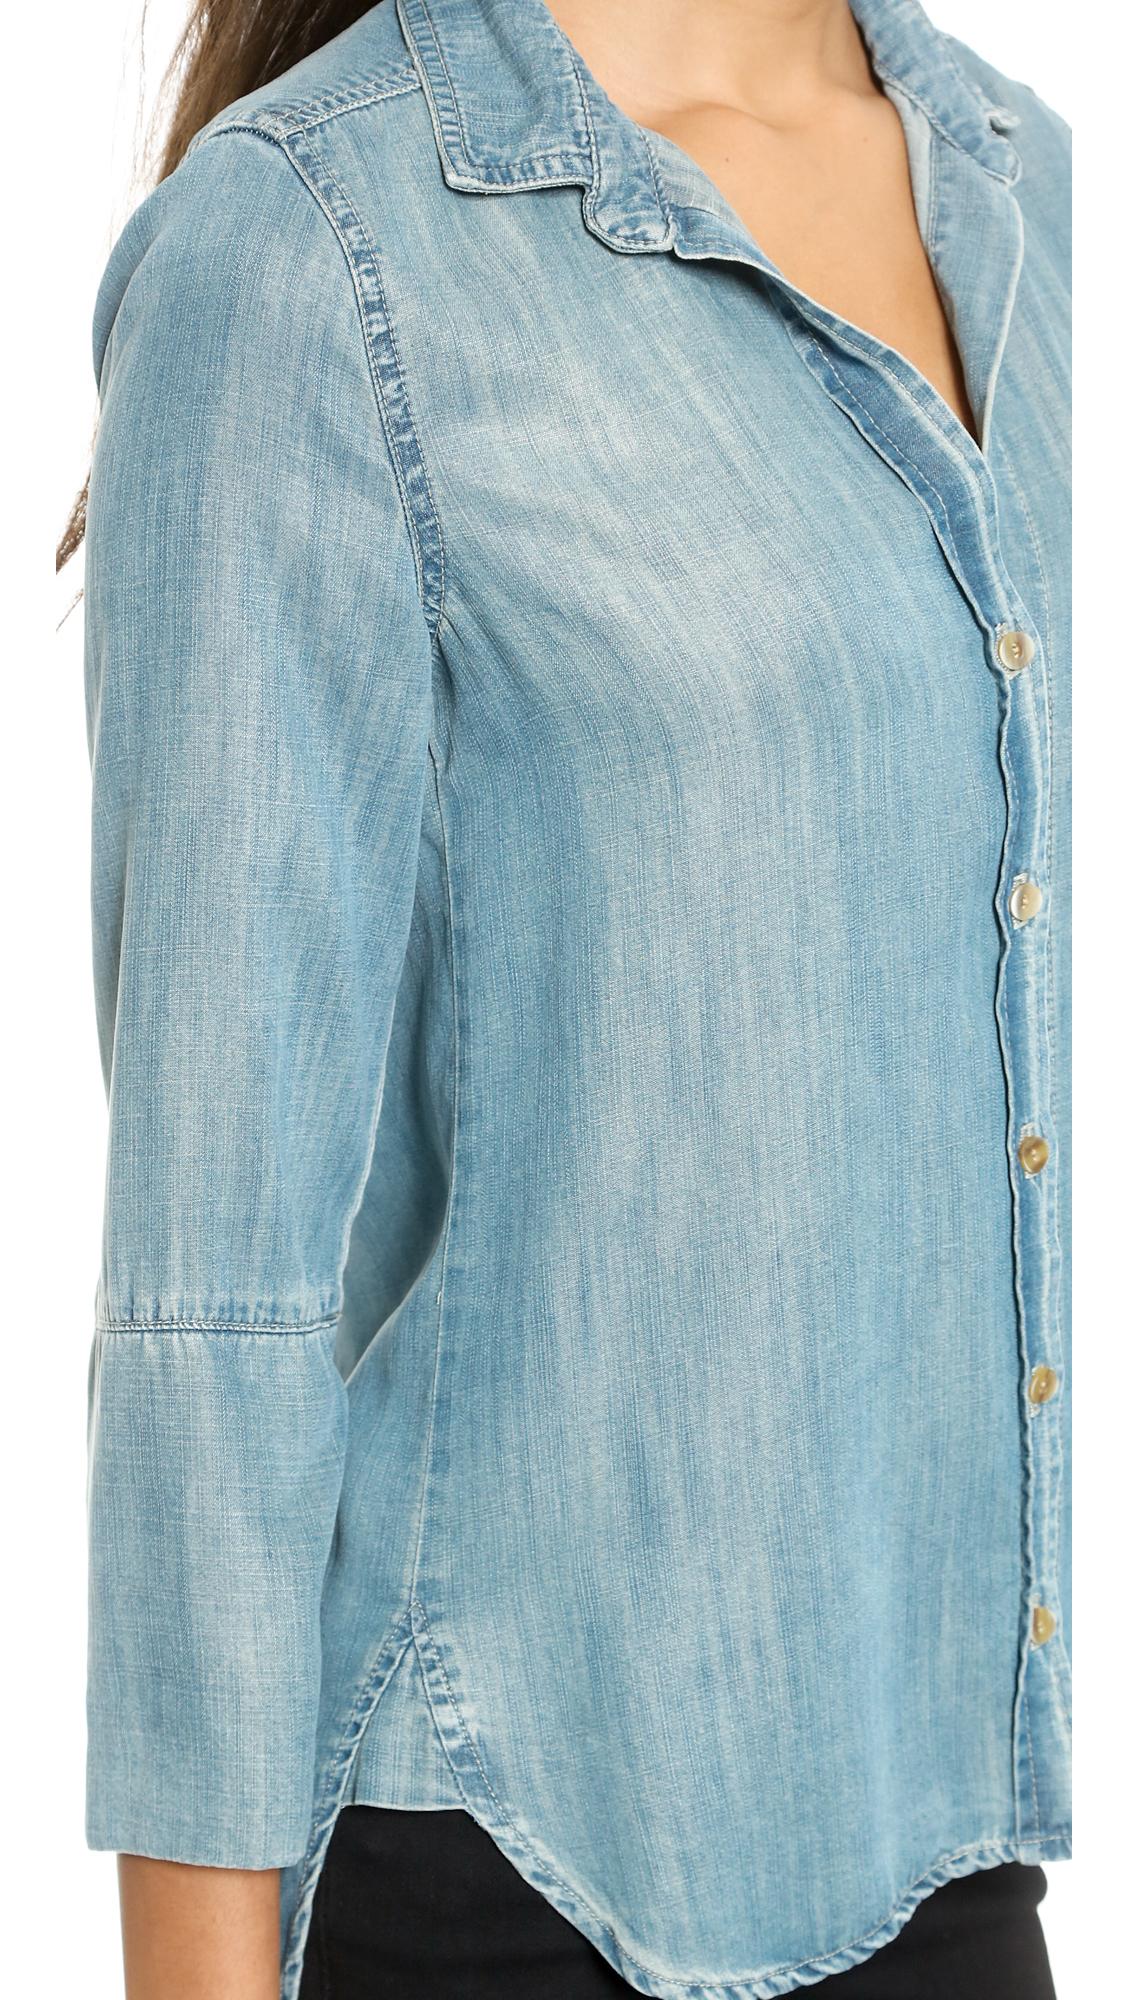 e8292e443 Bella Dahl Button Down Shirt | SHOPBOP